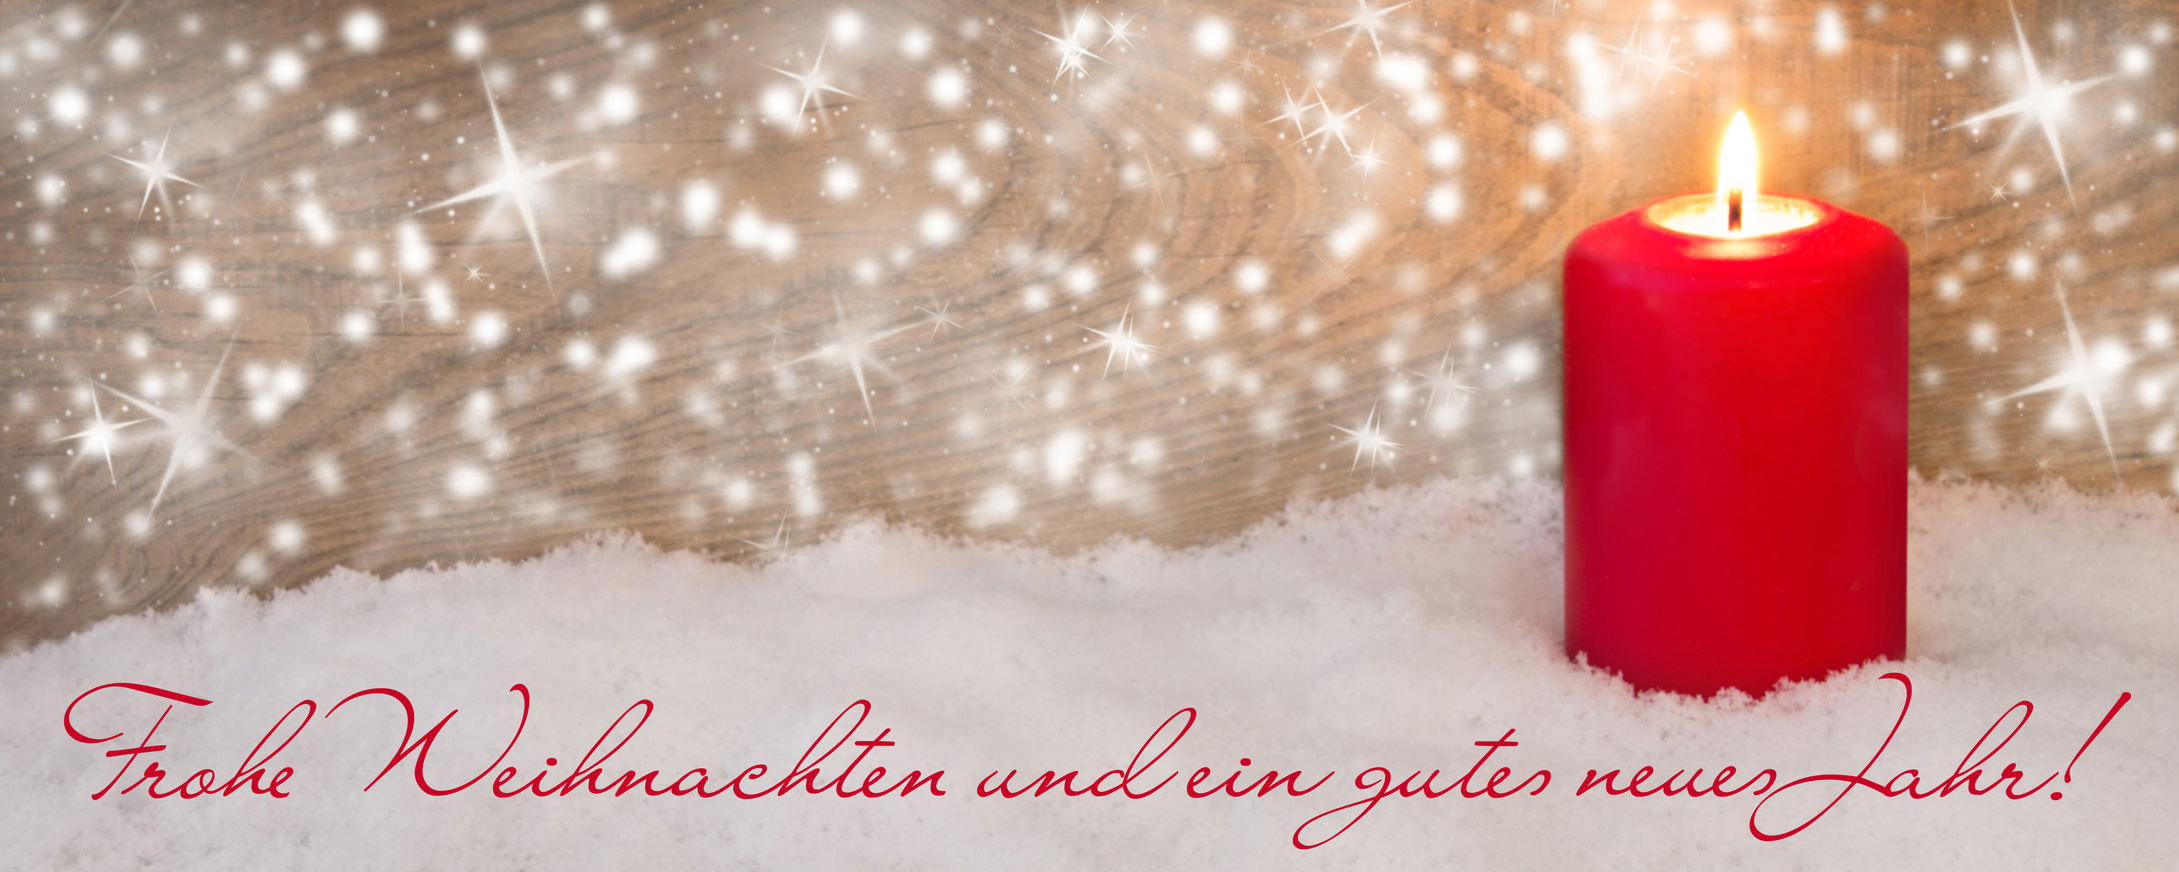 Frohe Weichnachten und ein gutes neues Jahr